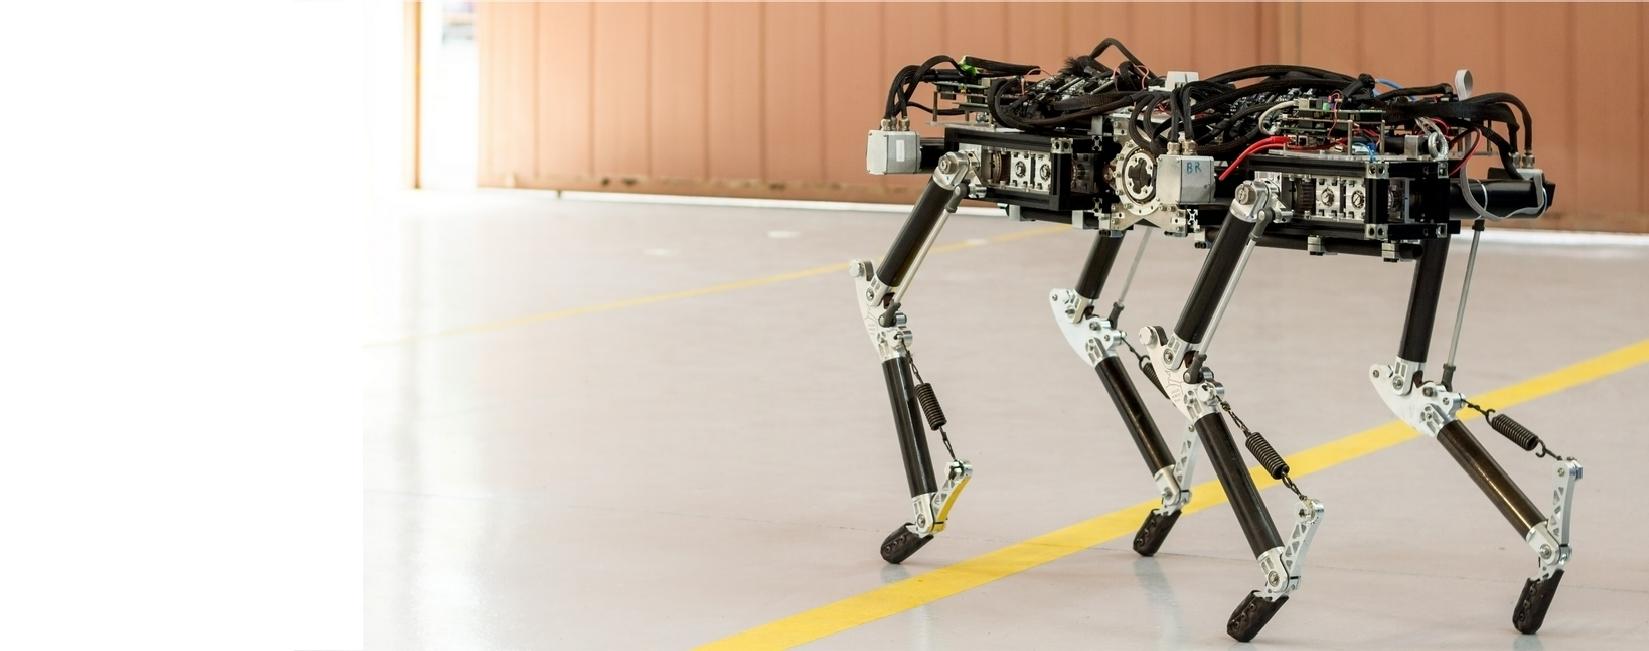 Laelaps II Robot